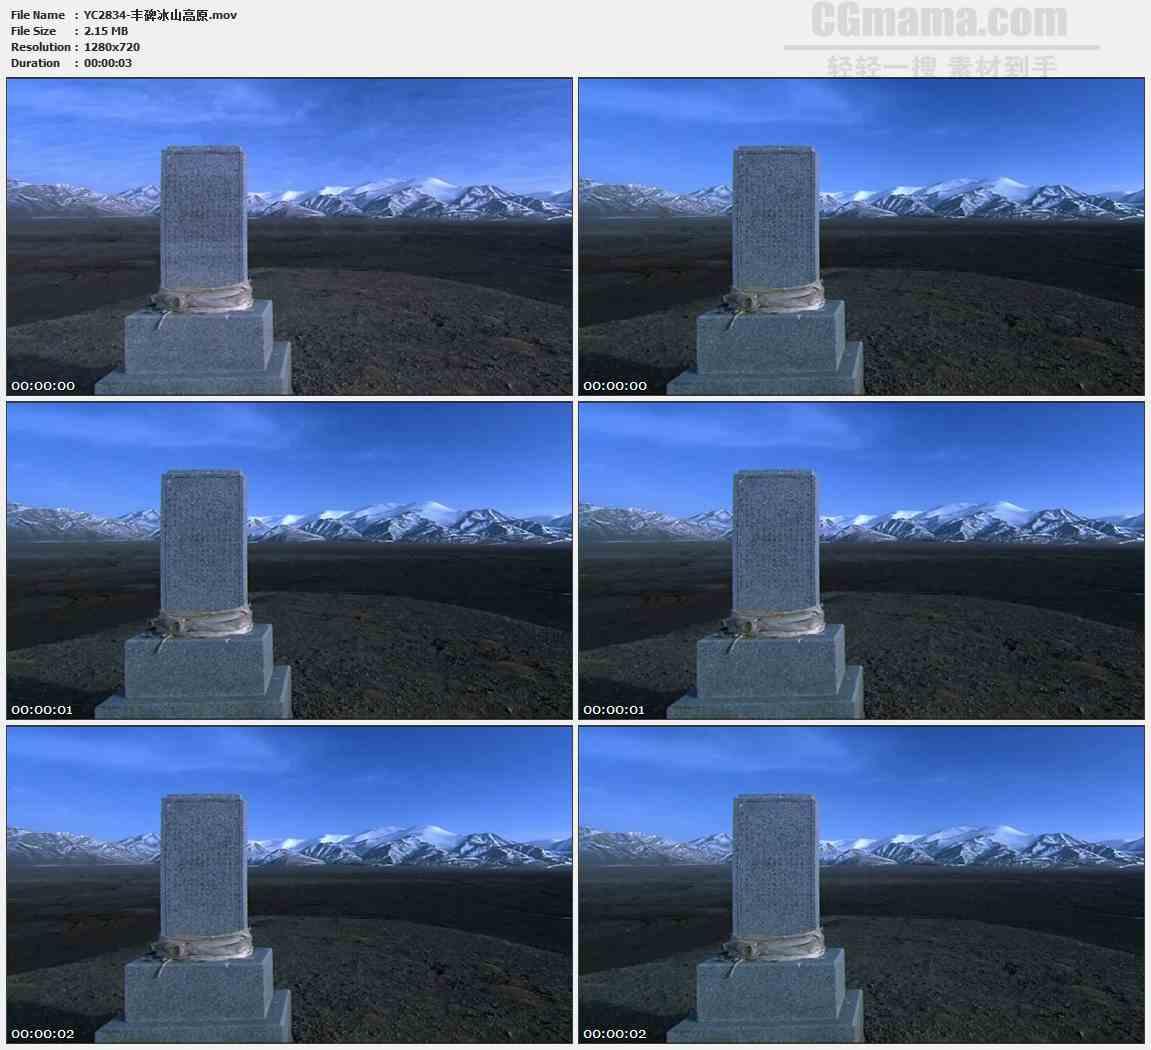 YC2834-丰碑冰山高原高清实拍视频素材